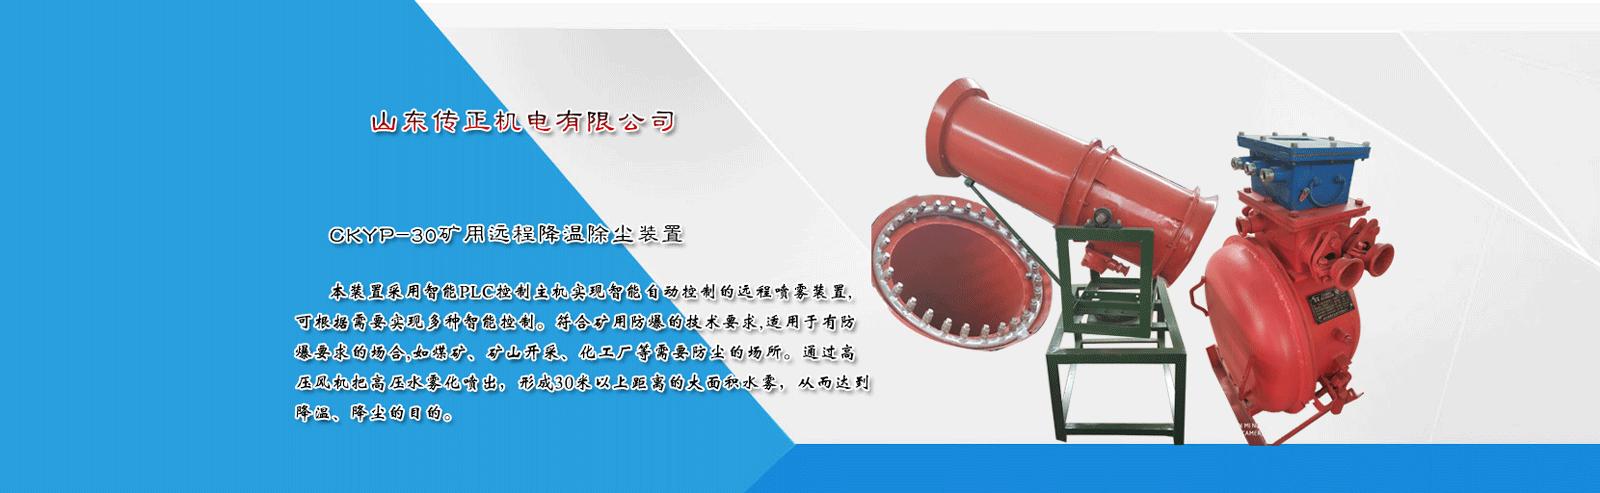 CKYP-30矿用远程降温除尘装置